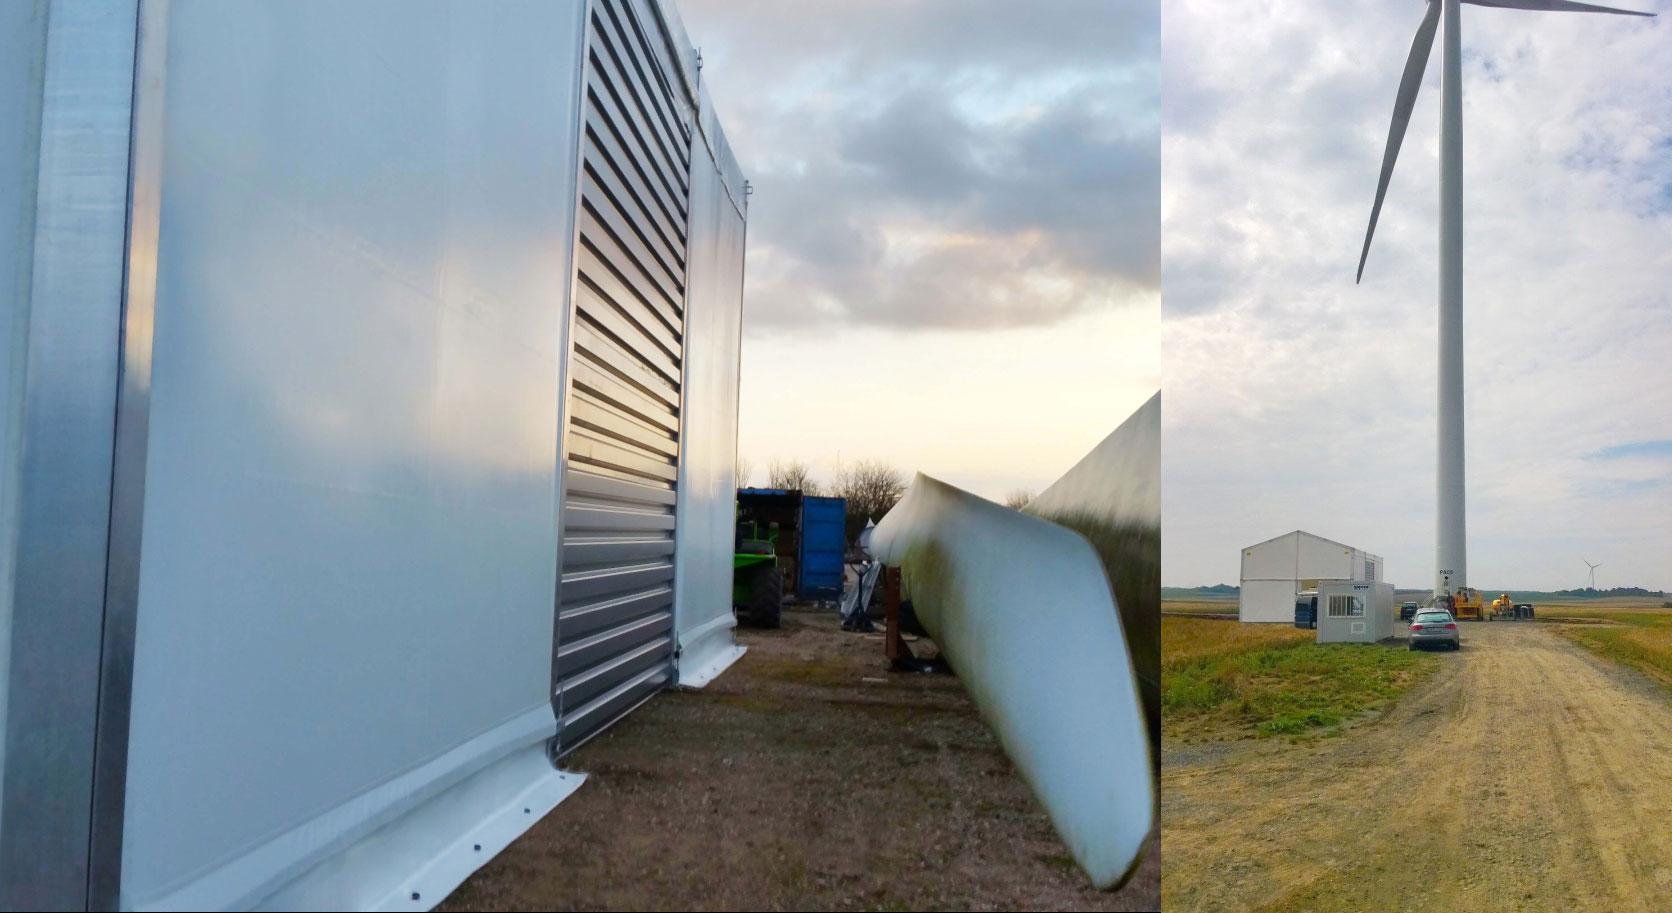 Mobile Leichtbauhalle, die Herchenbach für Siemens Service Wind Power zur Reparatur von Windkraftanlagen entwickelt hat. / Pressebilder